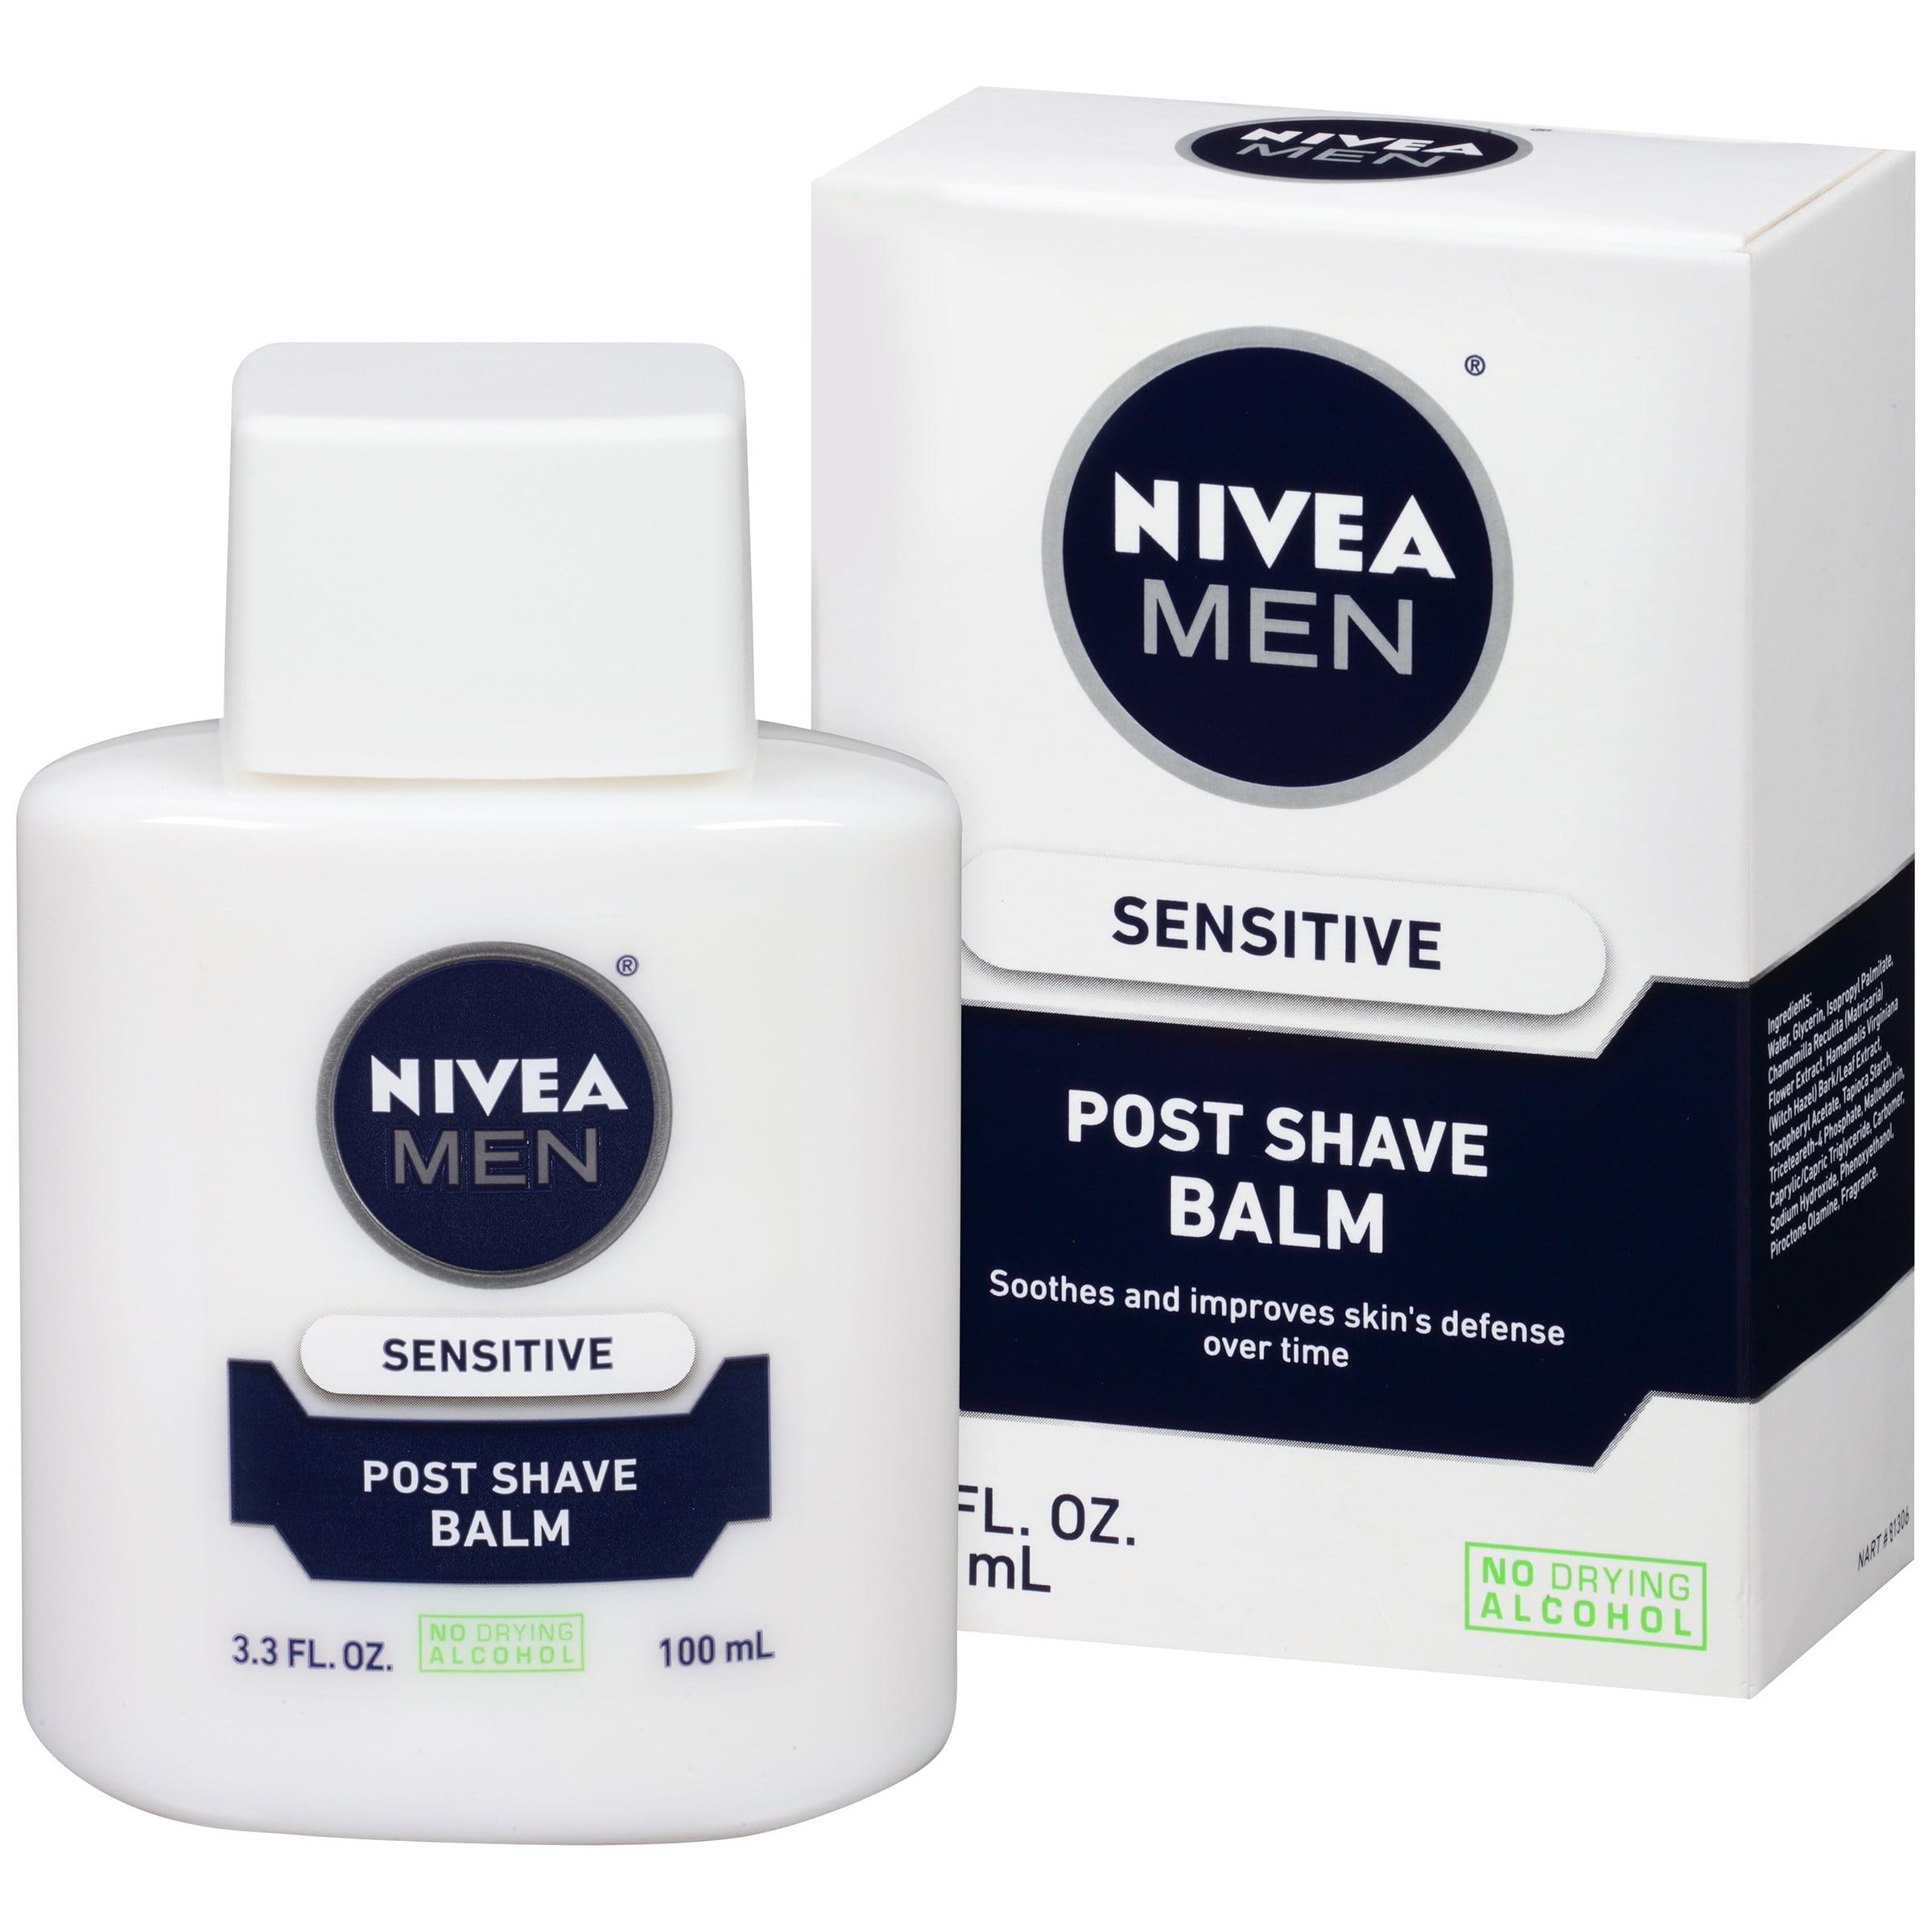 NIVEA Men Sensitive Post Shave Balm 3.3 fl. oz.